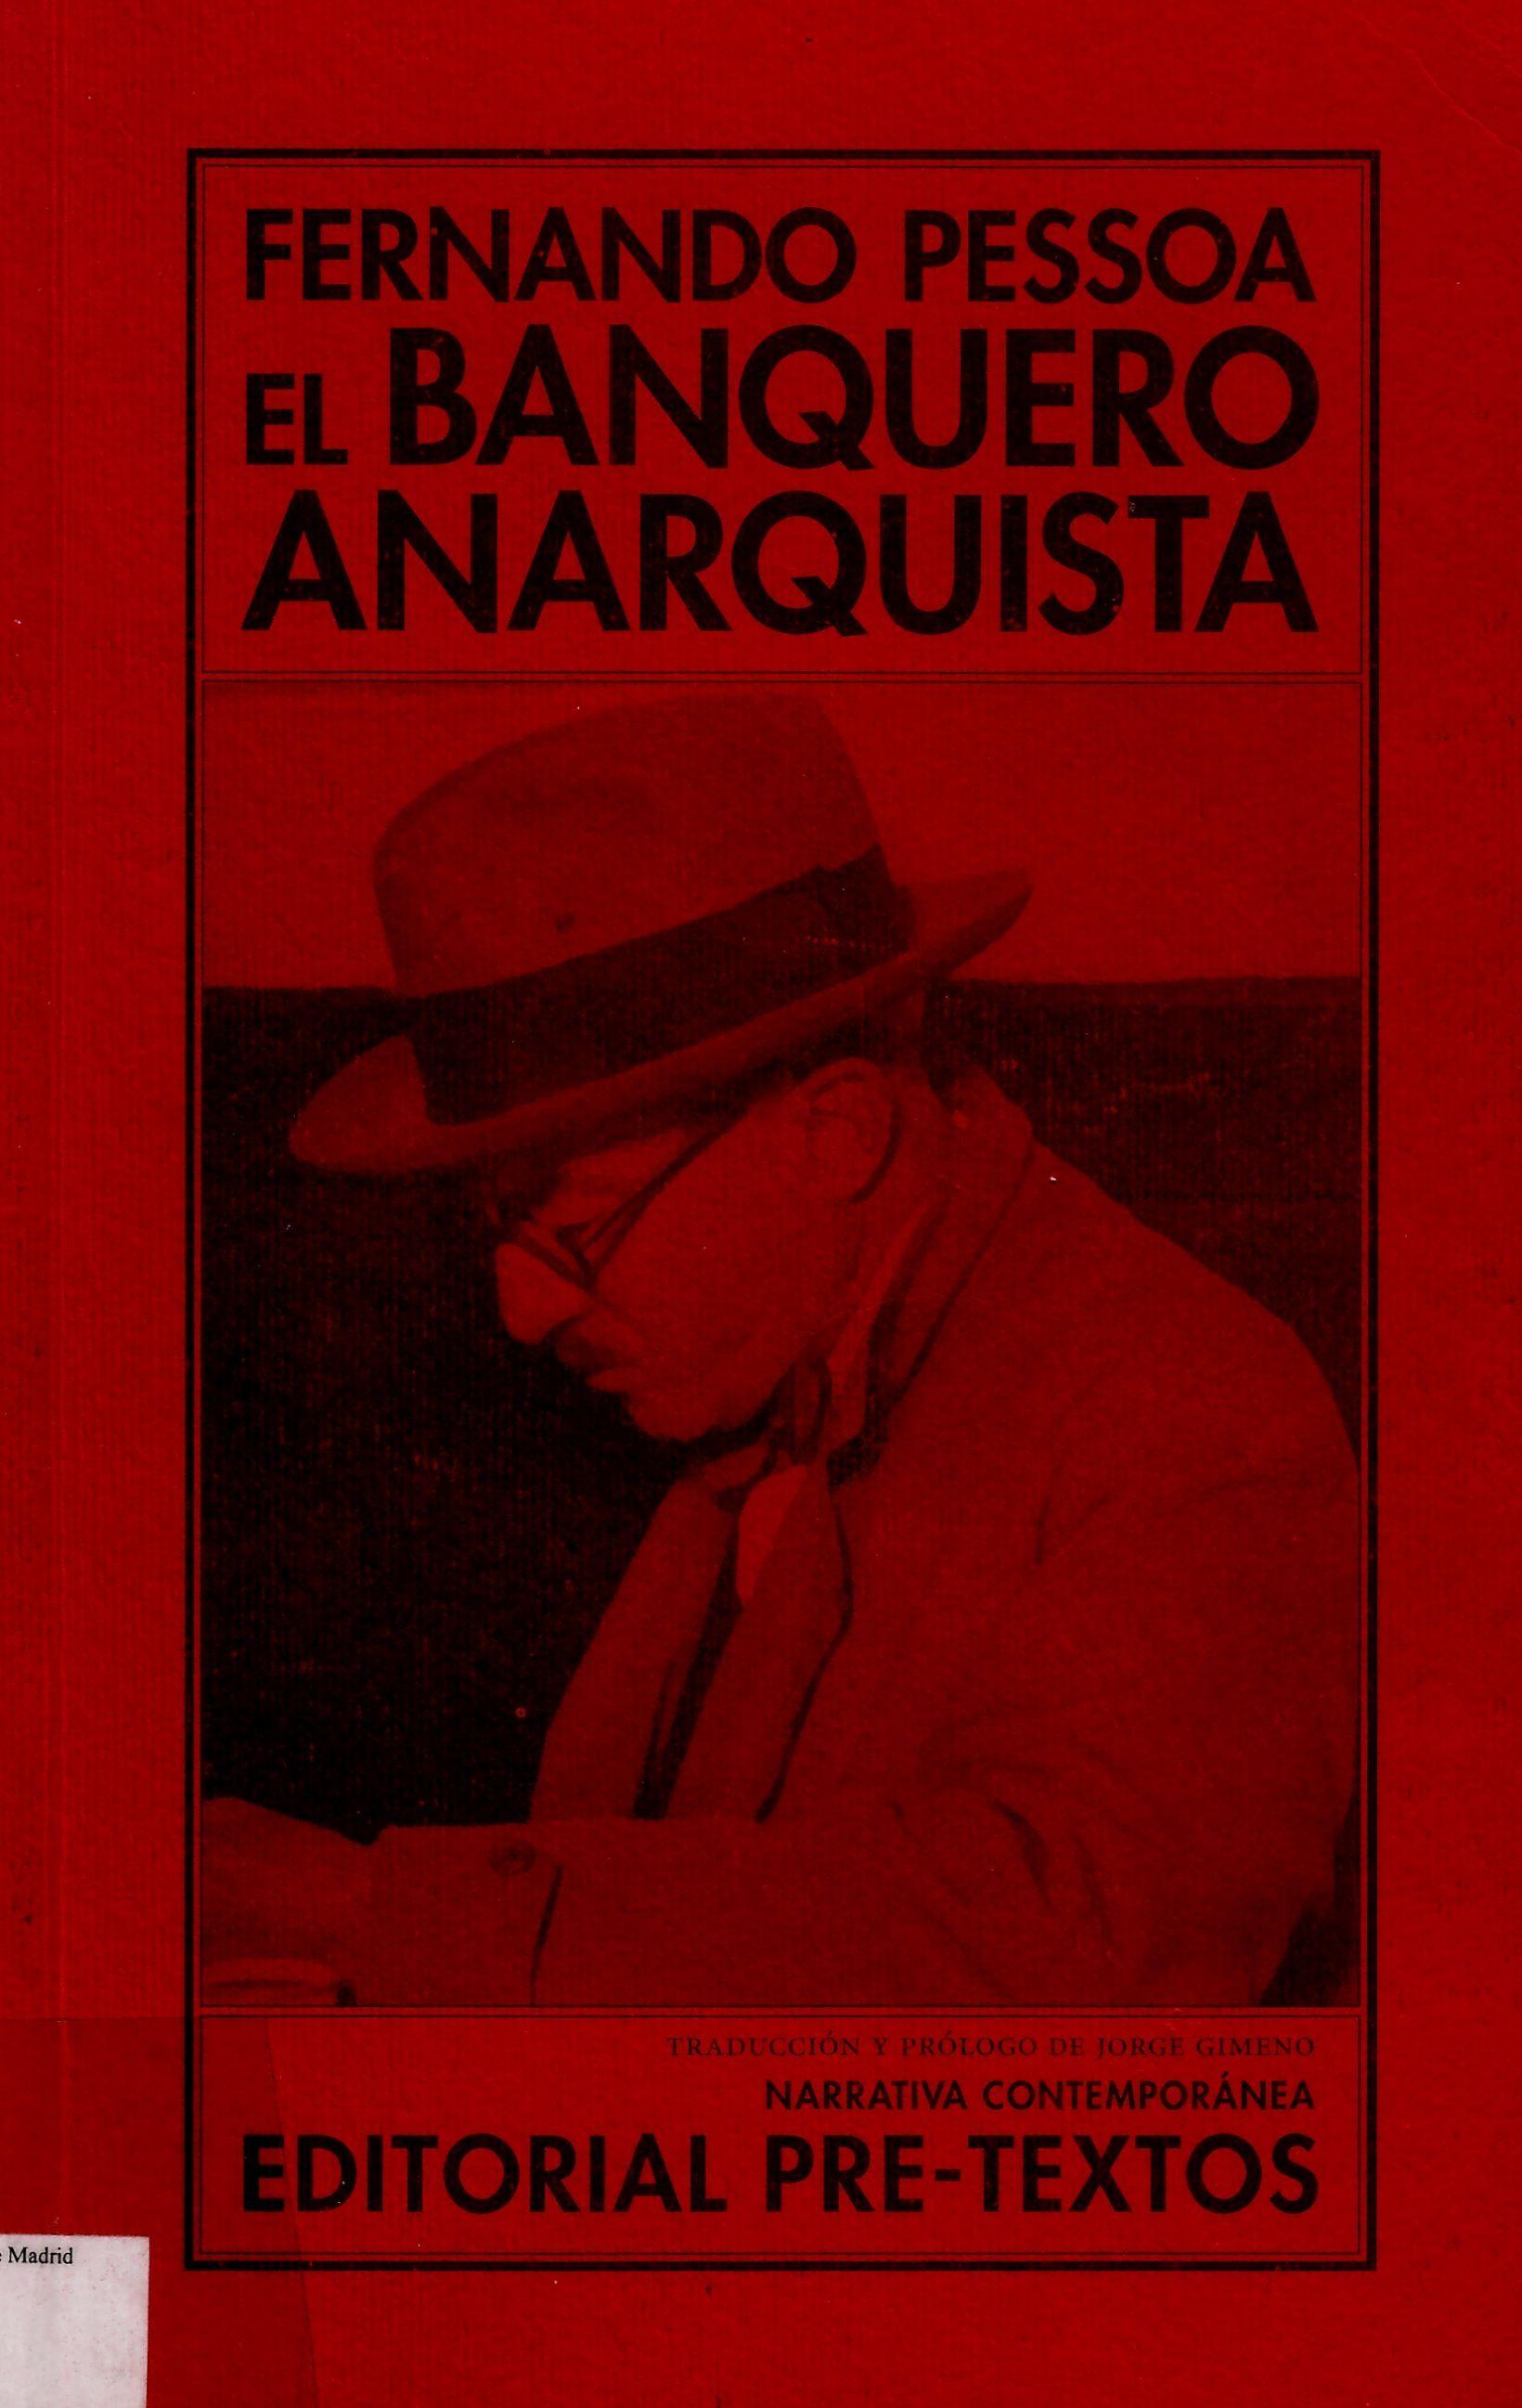 23 Ideas De Portugal 40 Años De La Revolución De Los Claveles Revolución De Los Claveles Dictadura Revolucion